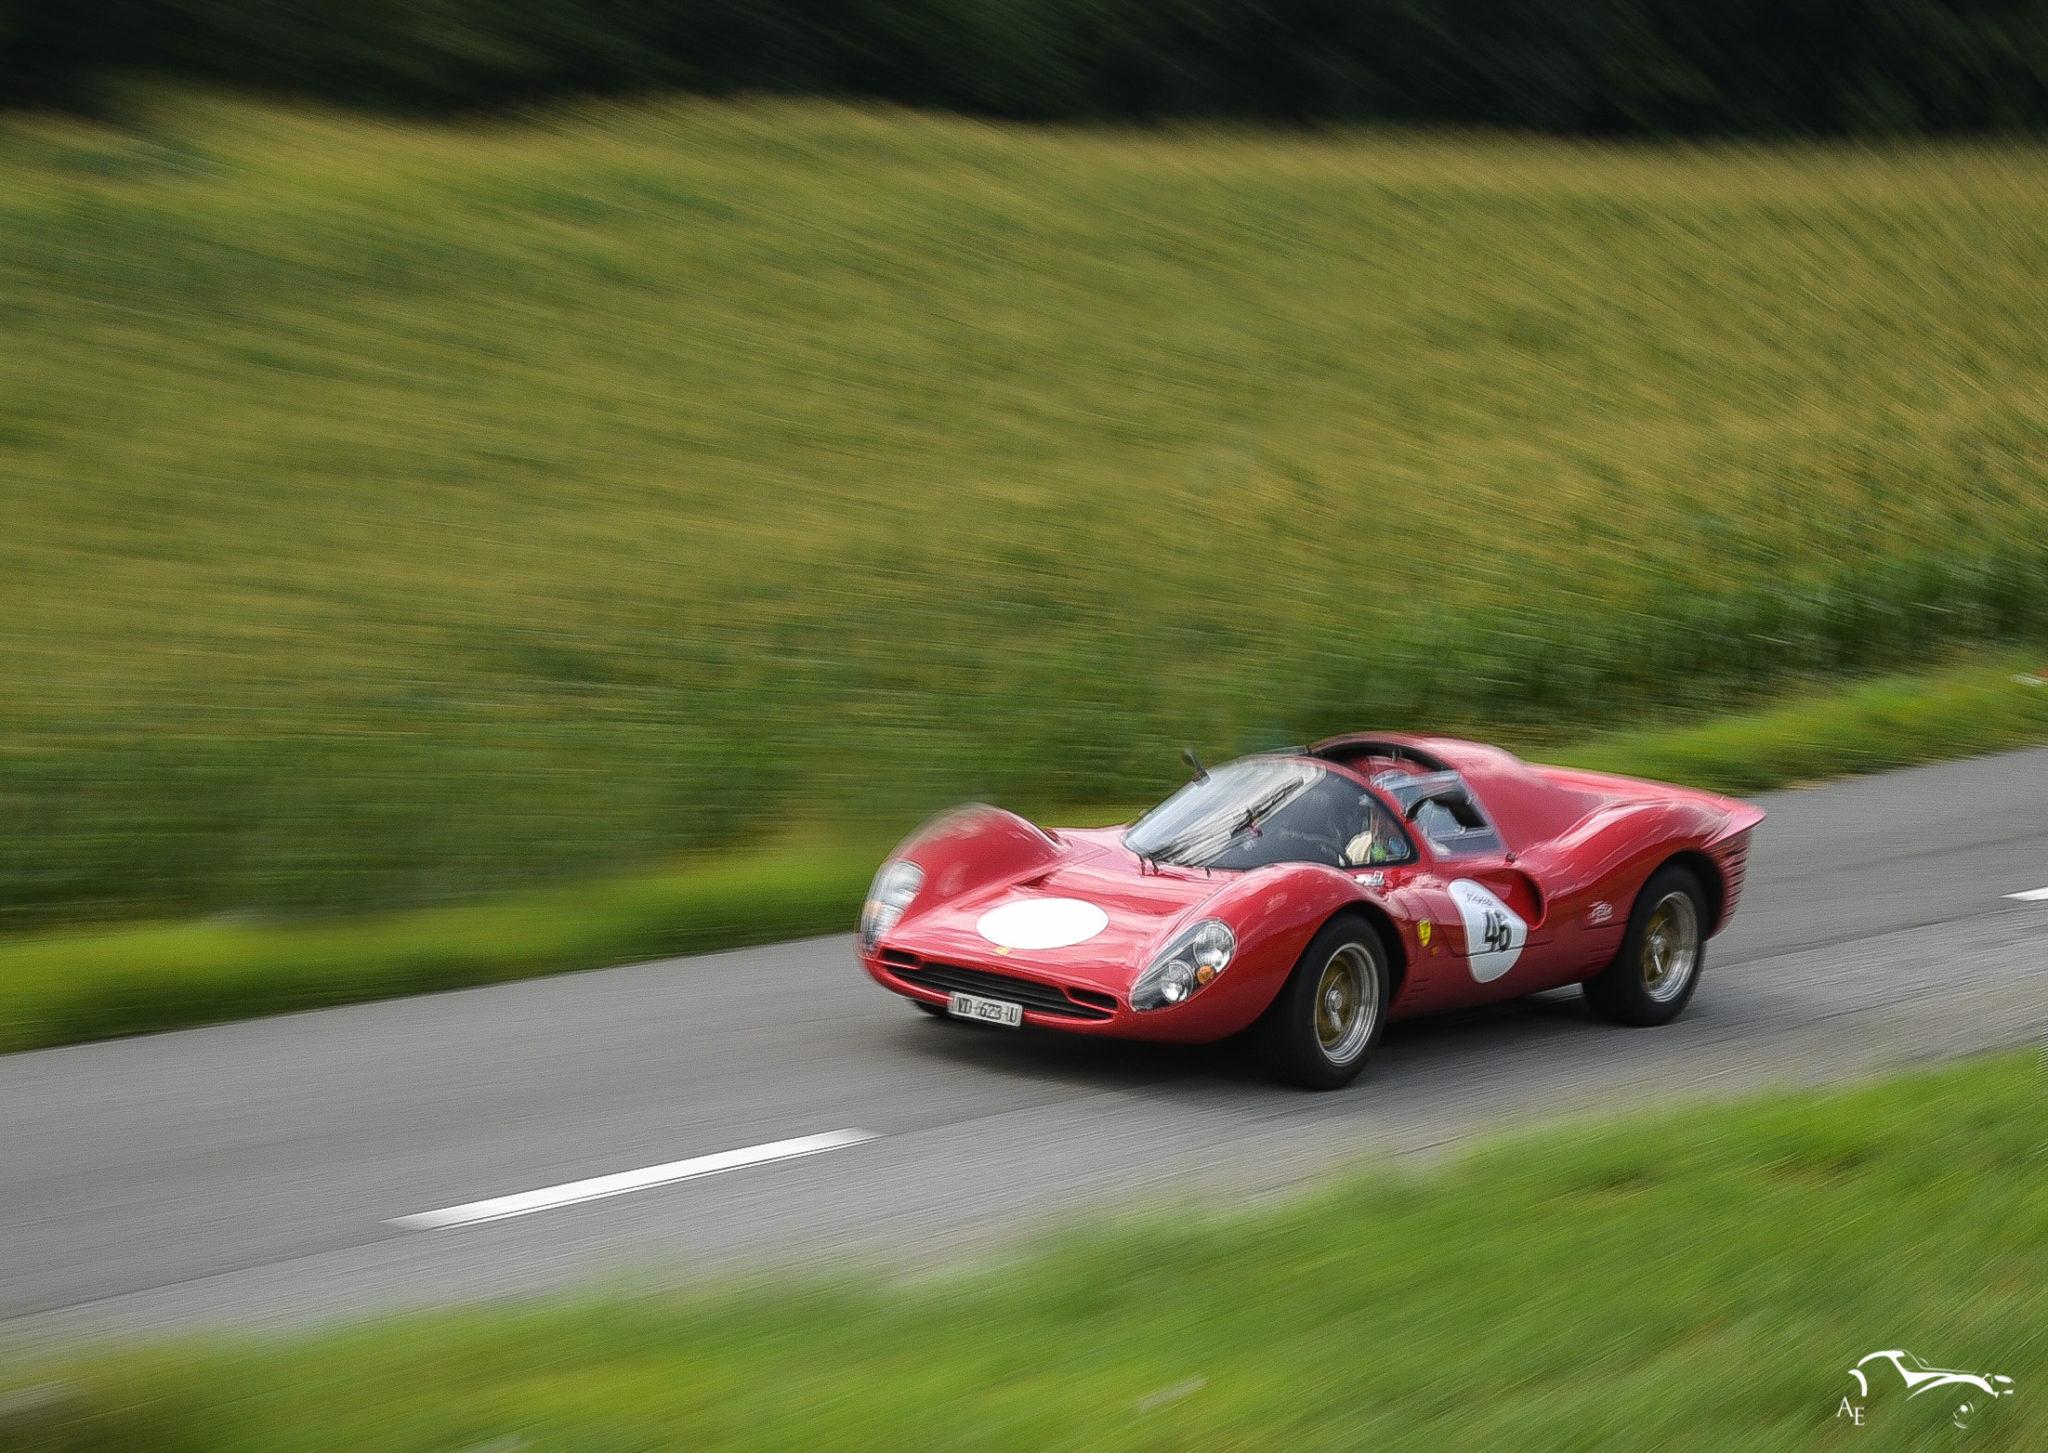 Ferrari P4 Replica 5000 cc 1974